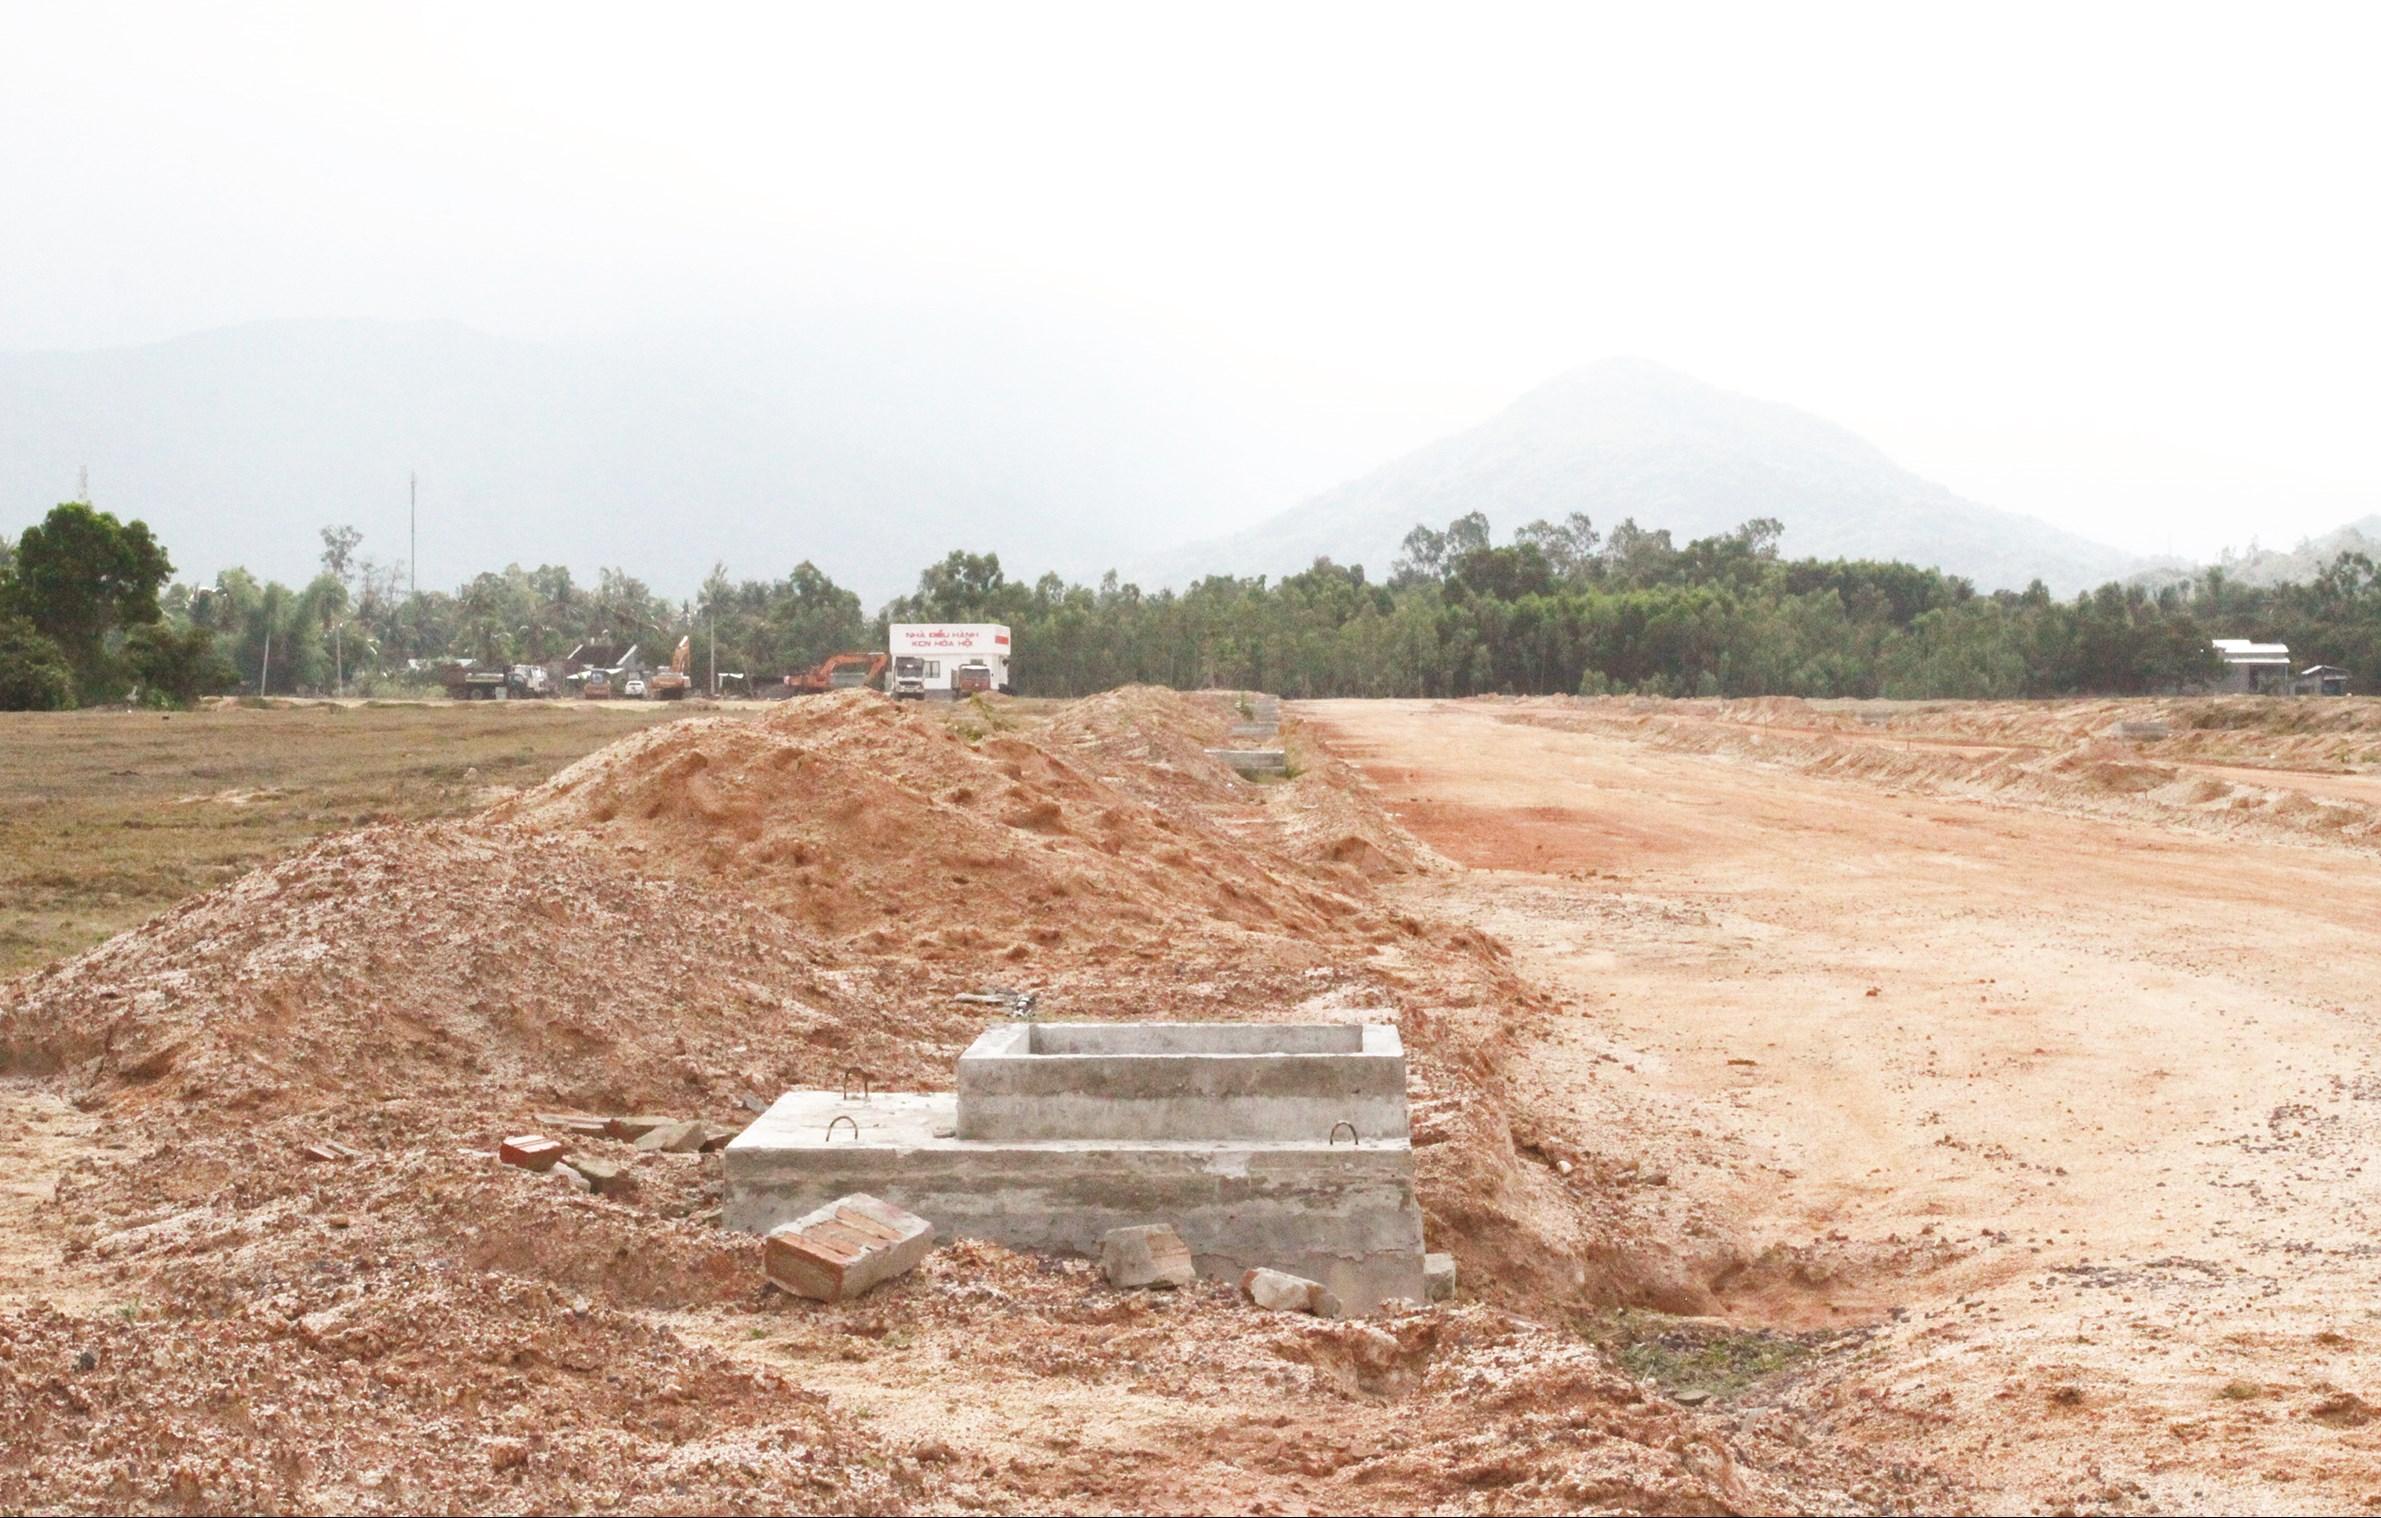 Hơn 11 năm nay, KCN Hòa Hội mới chỉ xây dựng được vài hạng mục công trình nhỏ